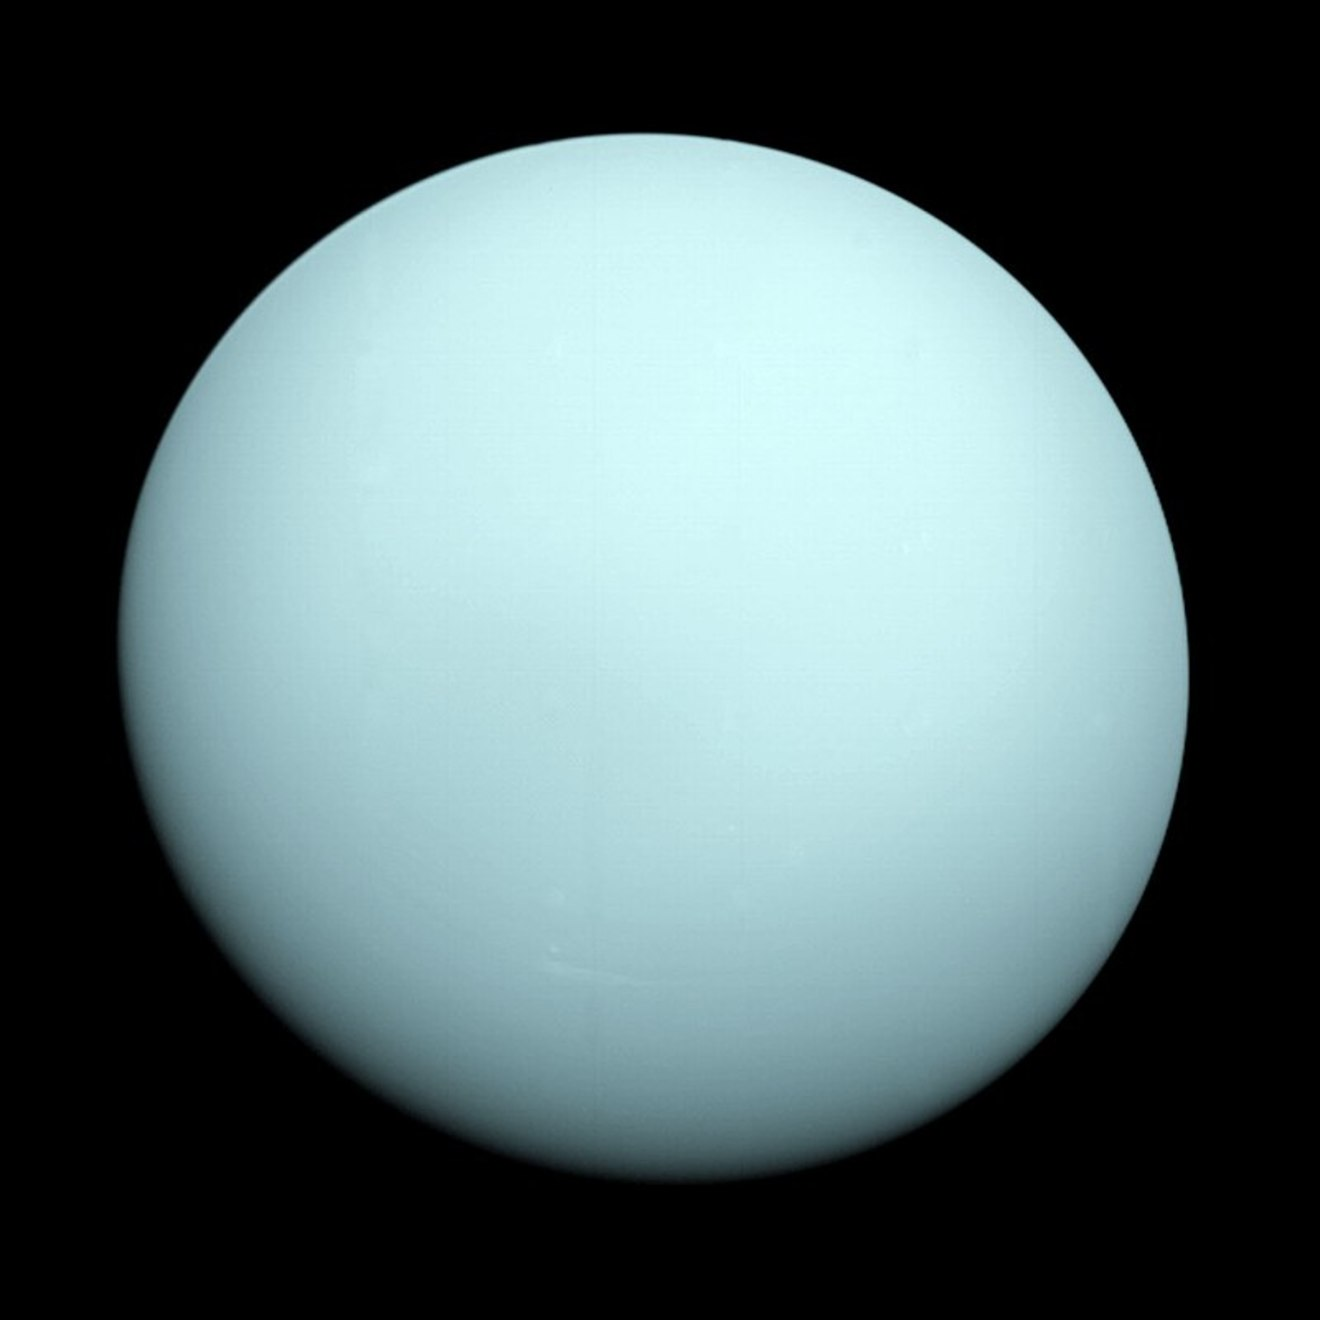 5分でわかる天王星!特徴、温度と色、輪、自転軸などをわかりやすく解説!